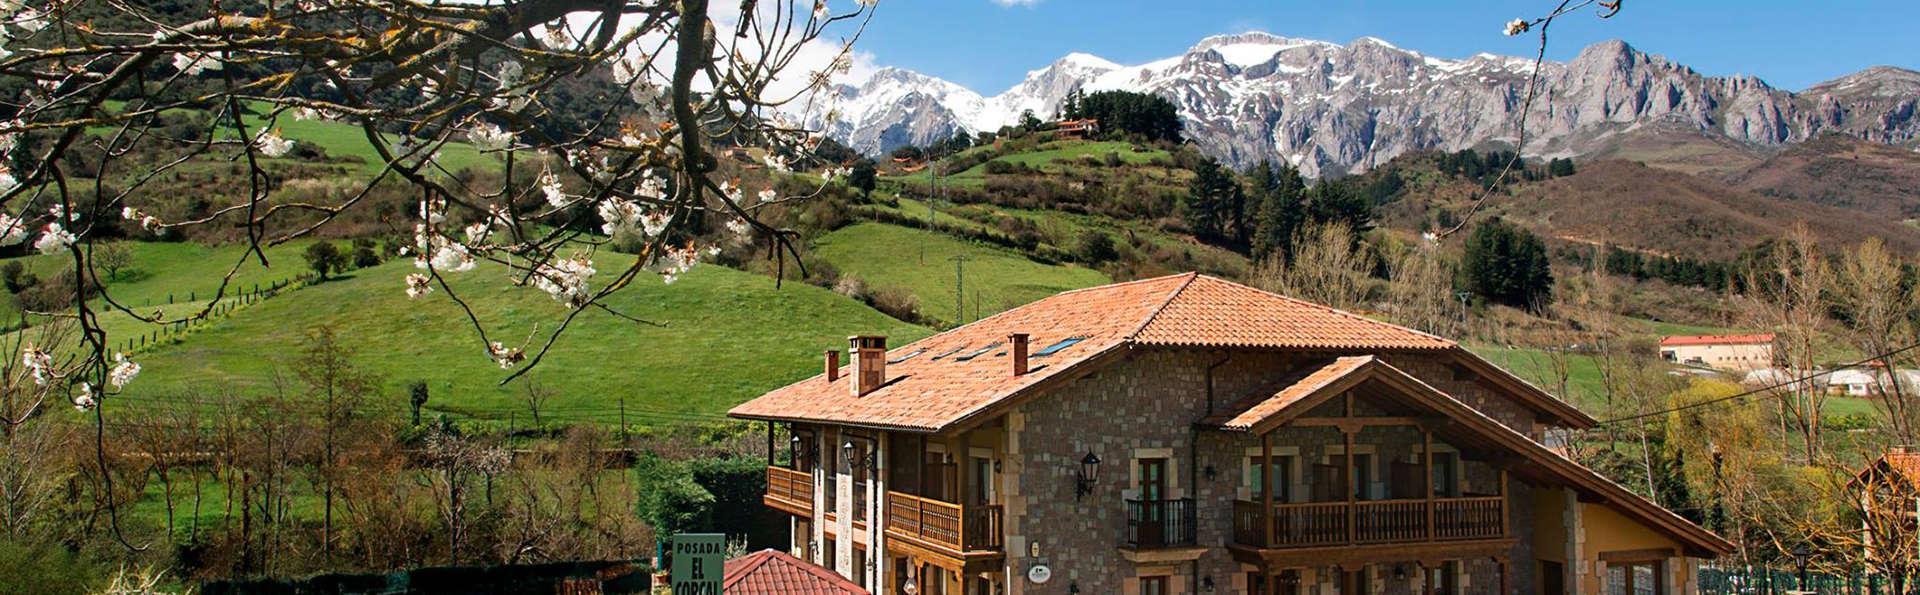 Especial Enología & Relax: Escapada con Spa, Visita a bodega y quesería en los Picos de Europa